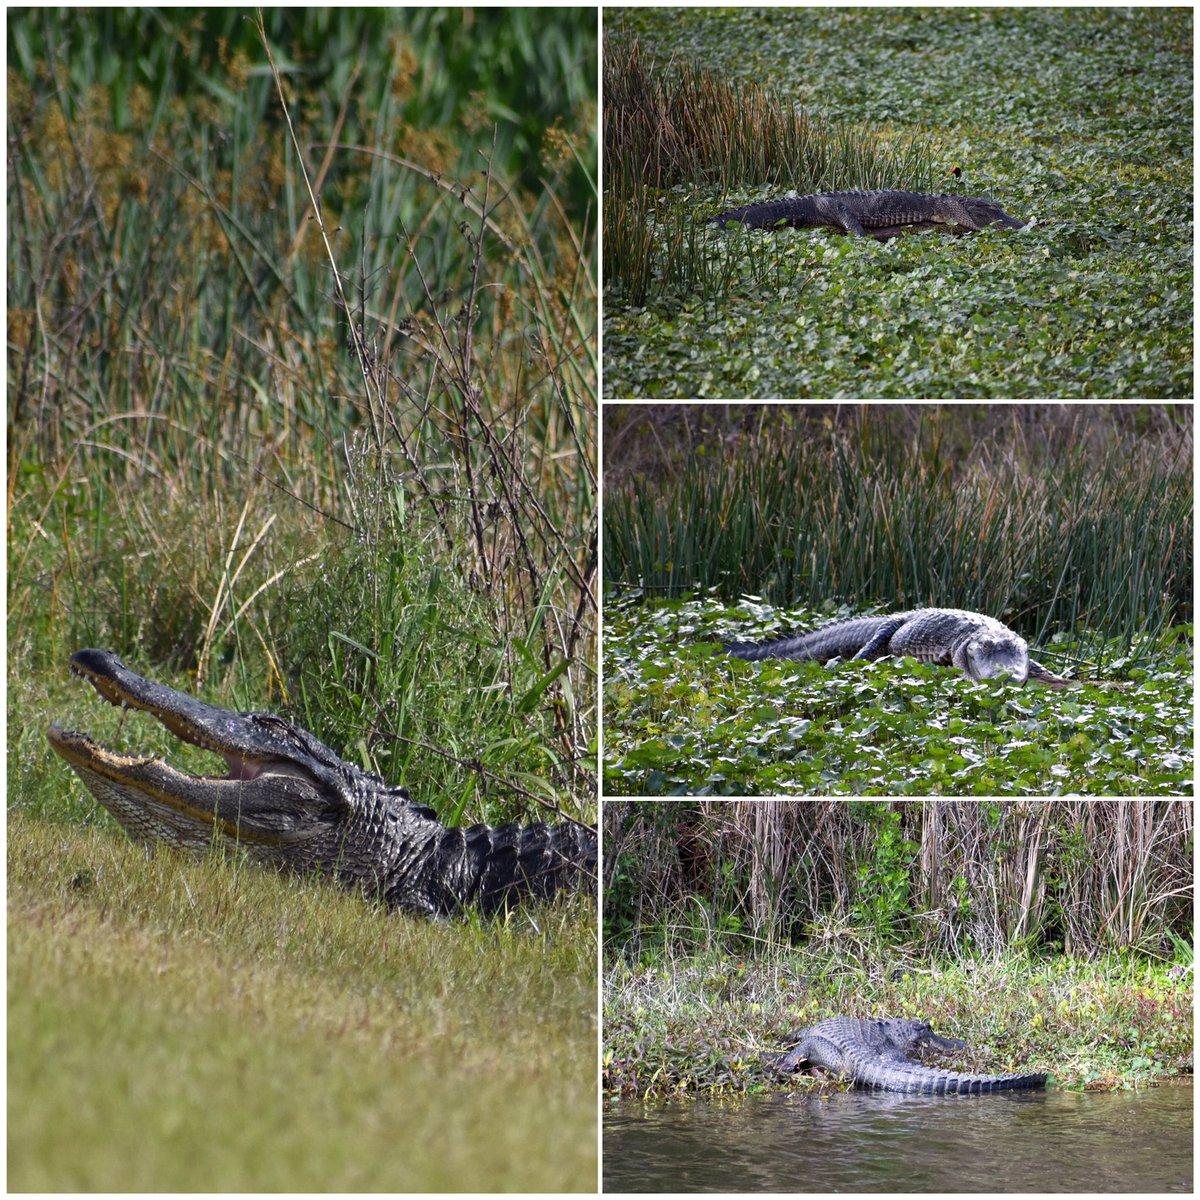 Gators back from Spring Break?